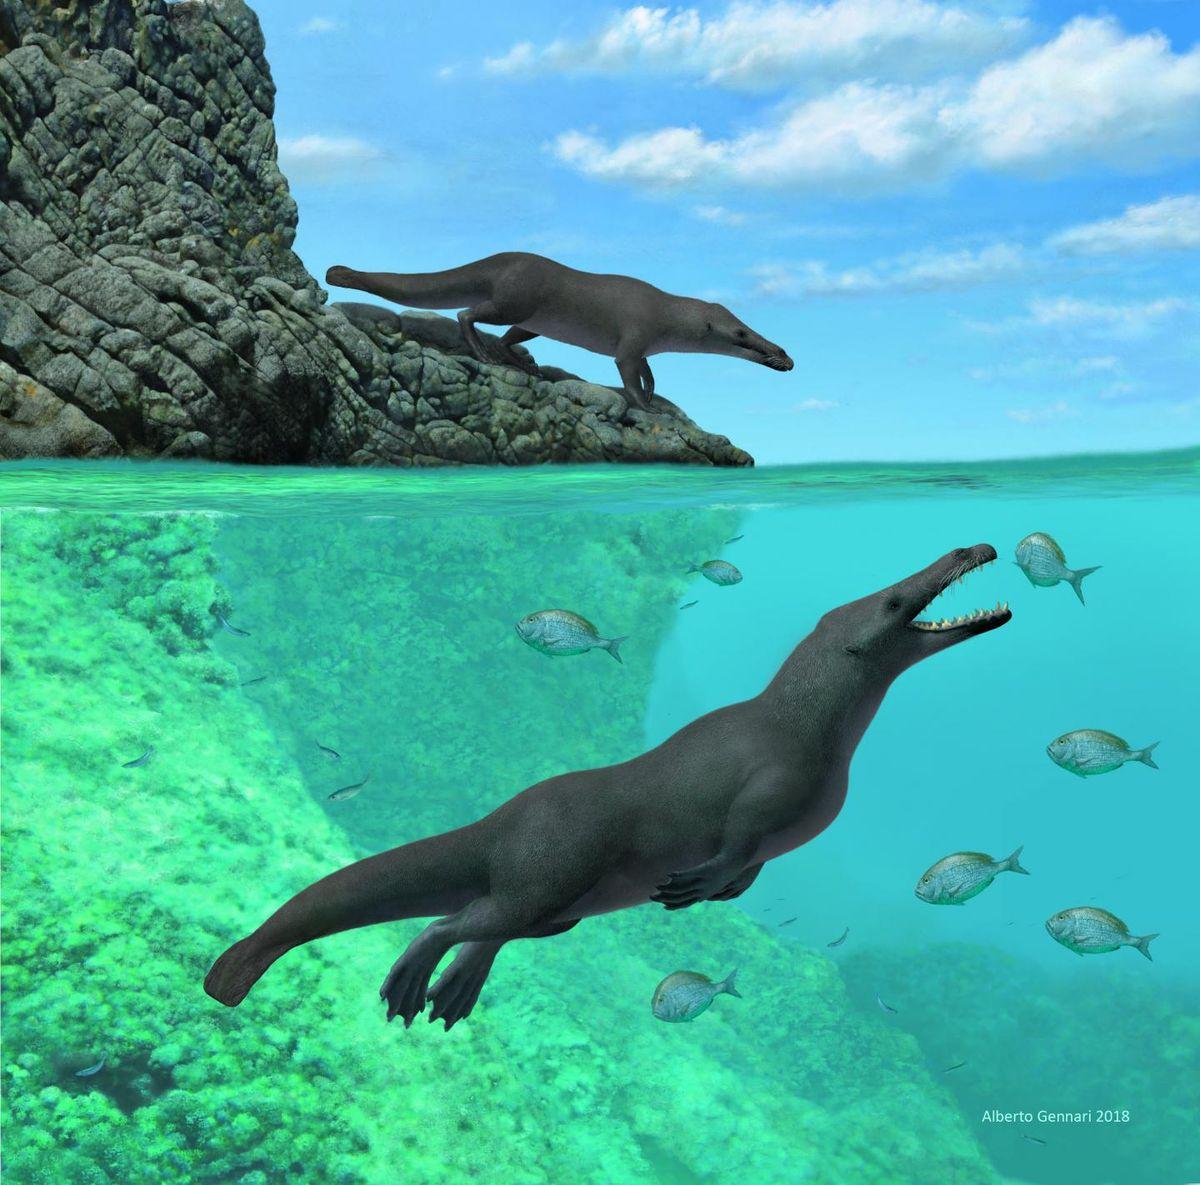 Les chercheurs rapportent la découverte d'une baleine à quatre pattes. Un ancêtre de nos baleines qui pouvait marcher sur la terre ferme.